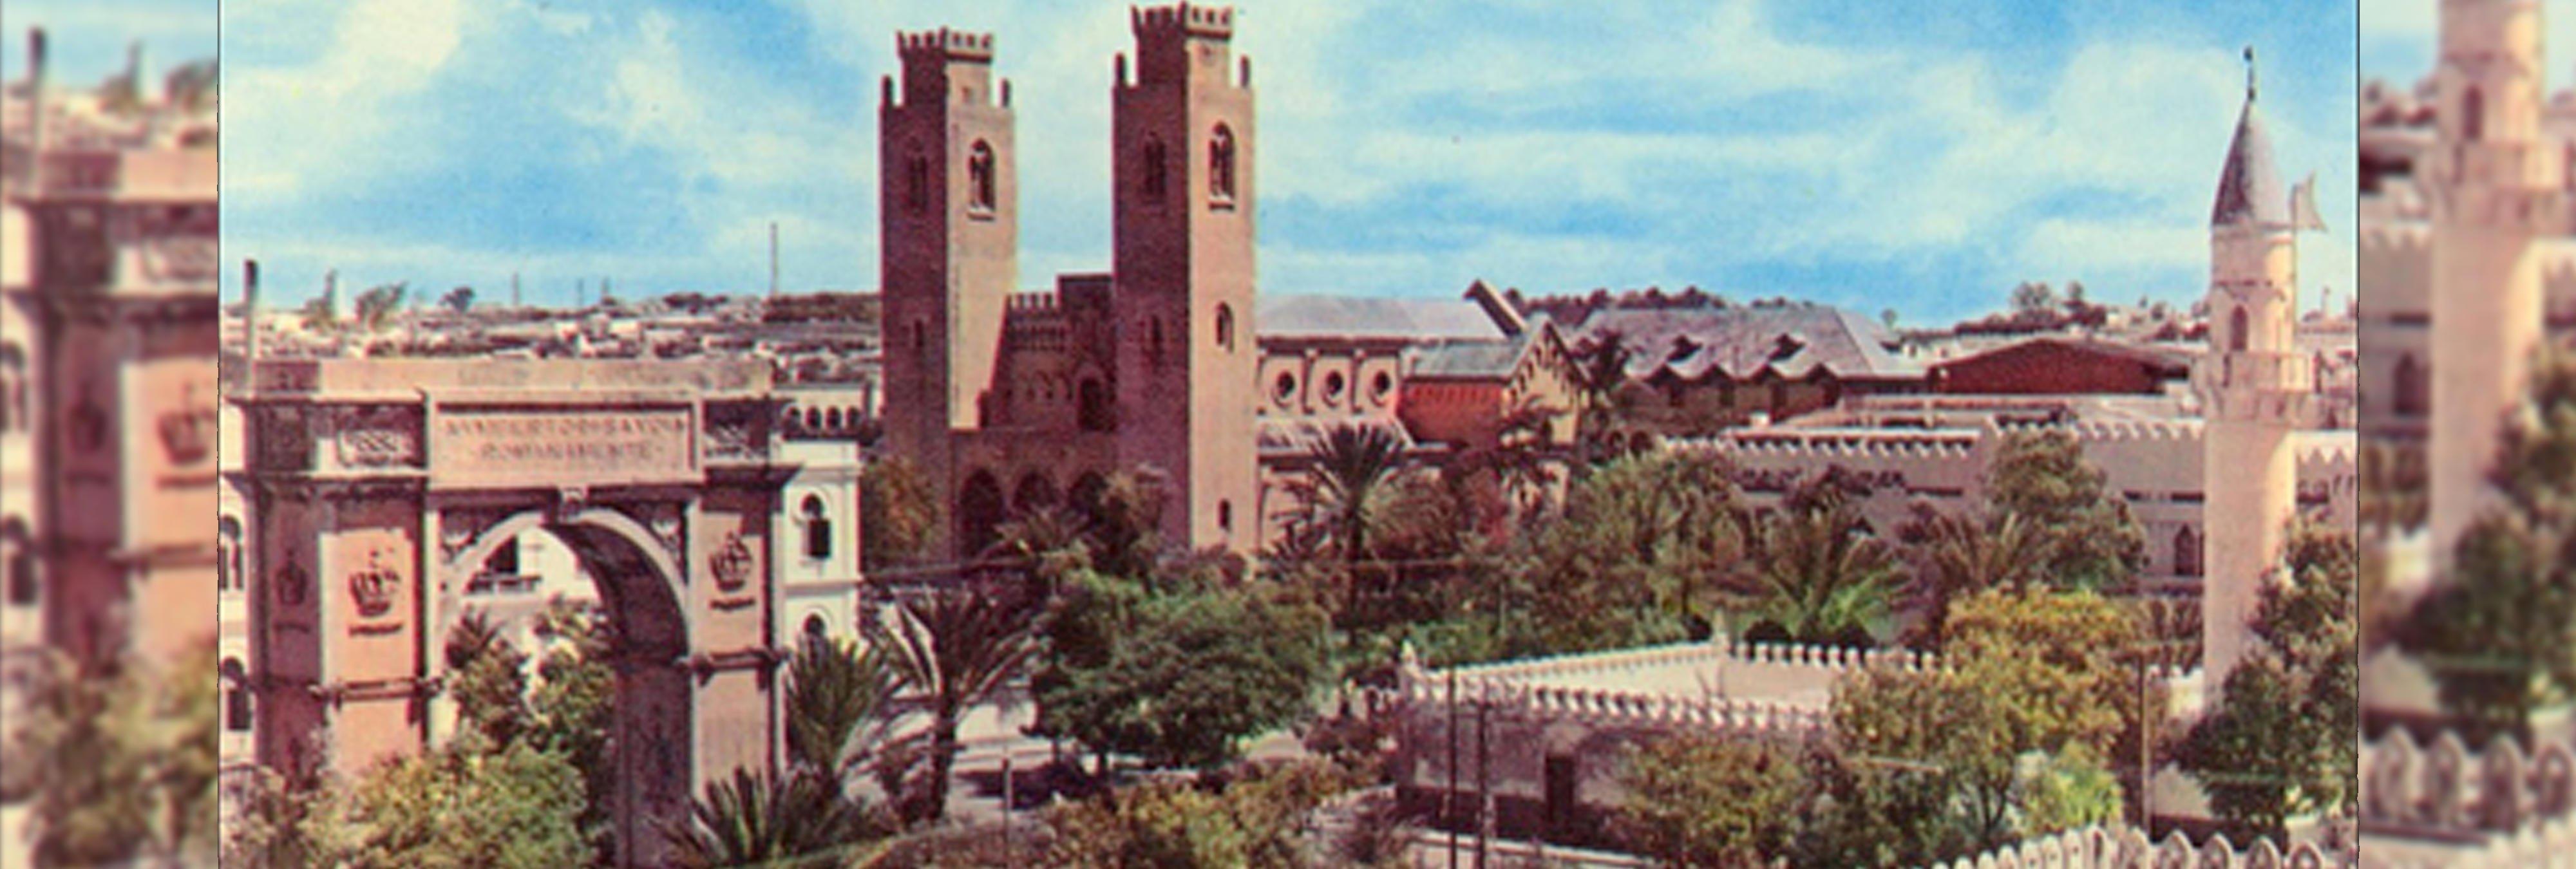 5 hermosas ciudades que quedaron devastadas por la guerra